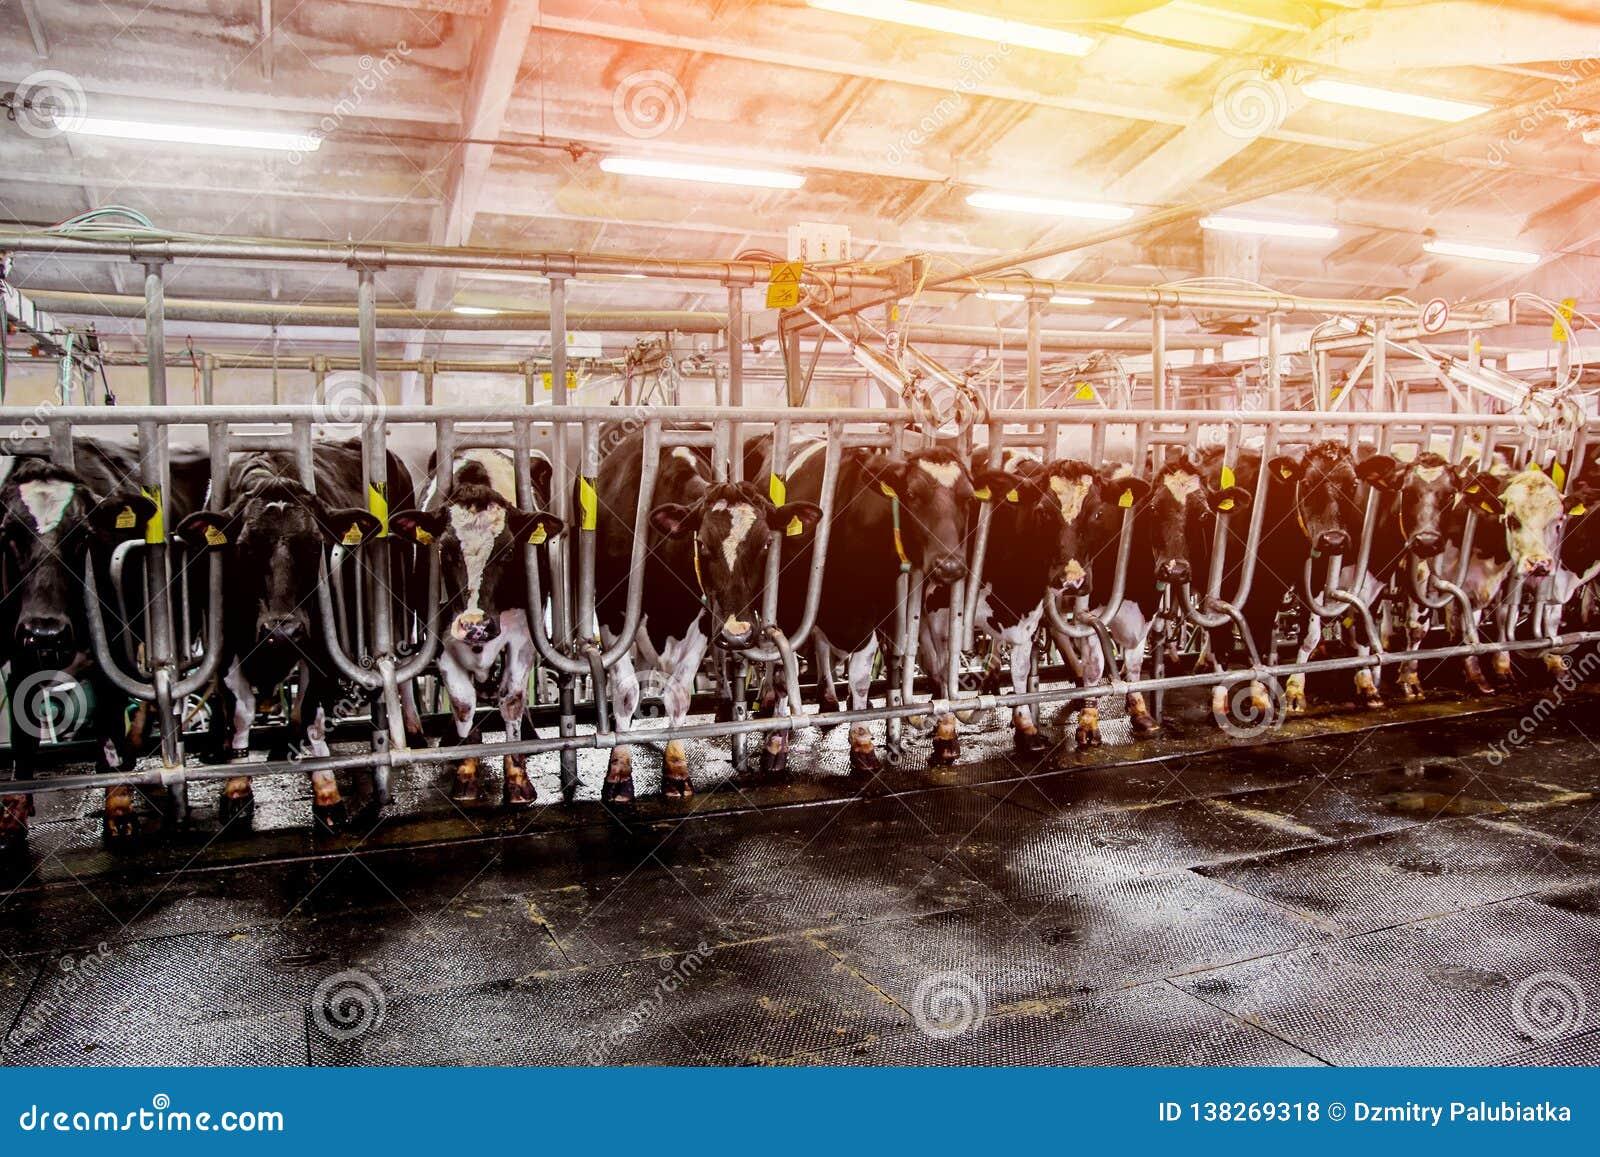 母牛牧群在农场的挤奶厅里